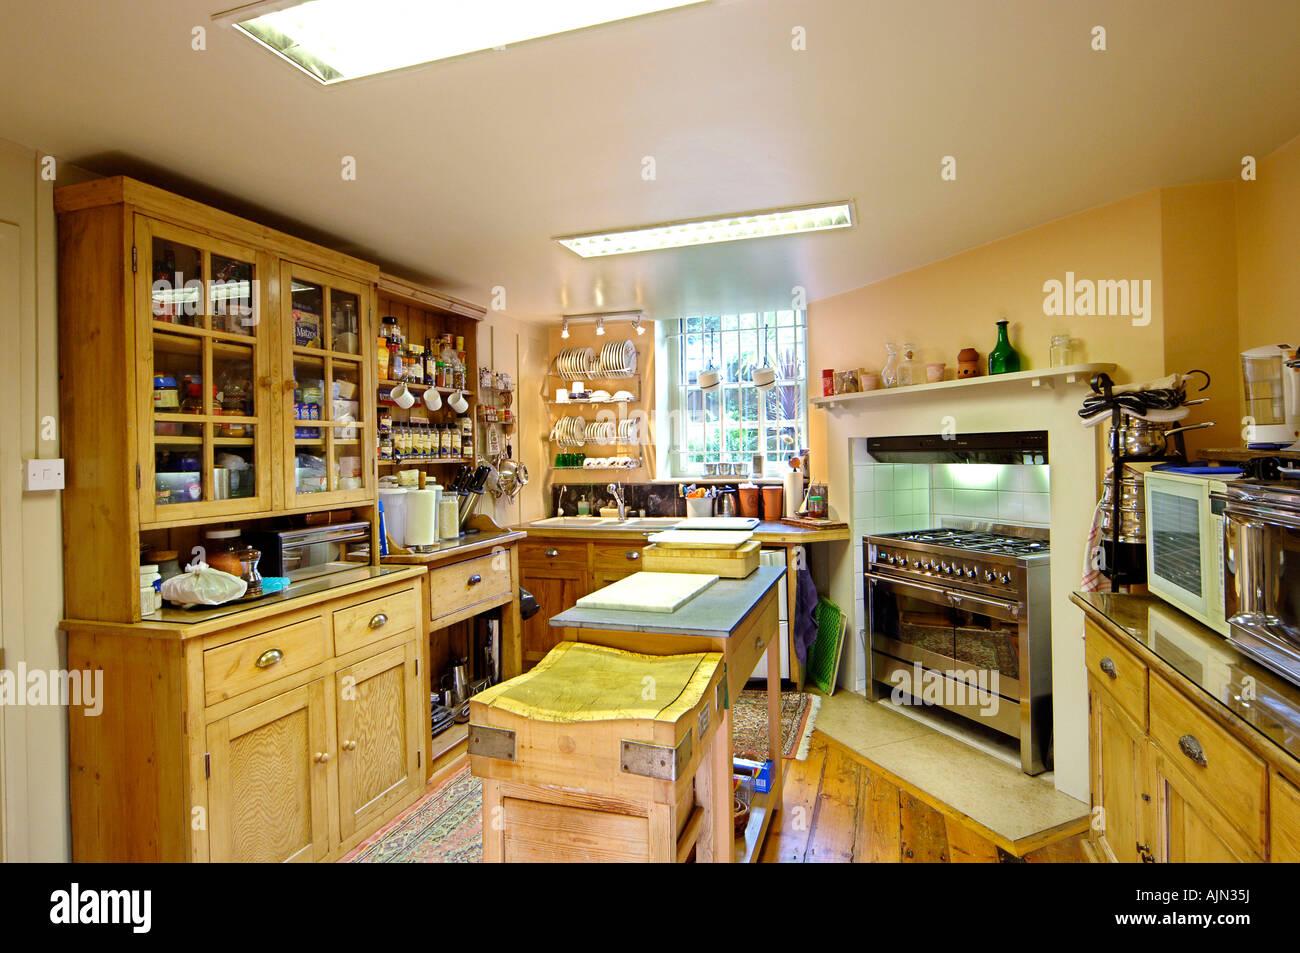 Gemütlich Küche Fotos Uk Zeitgenössisch - Ideen Für Die Küche ...